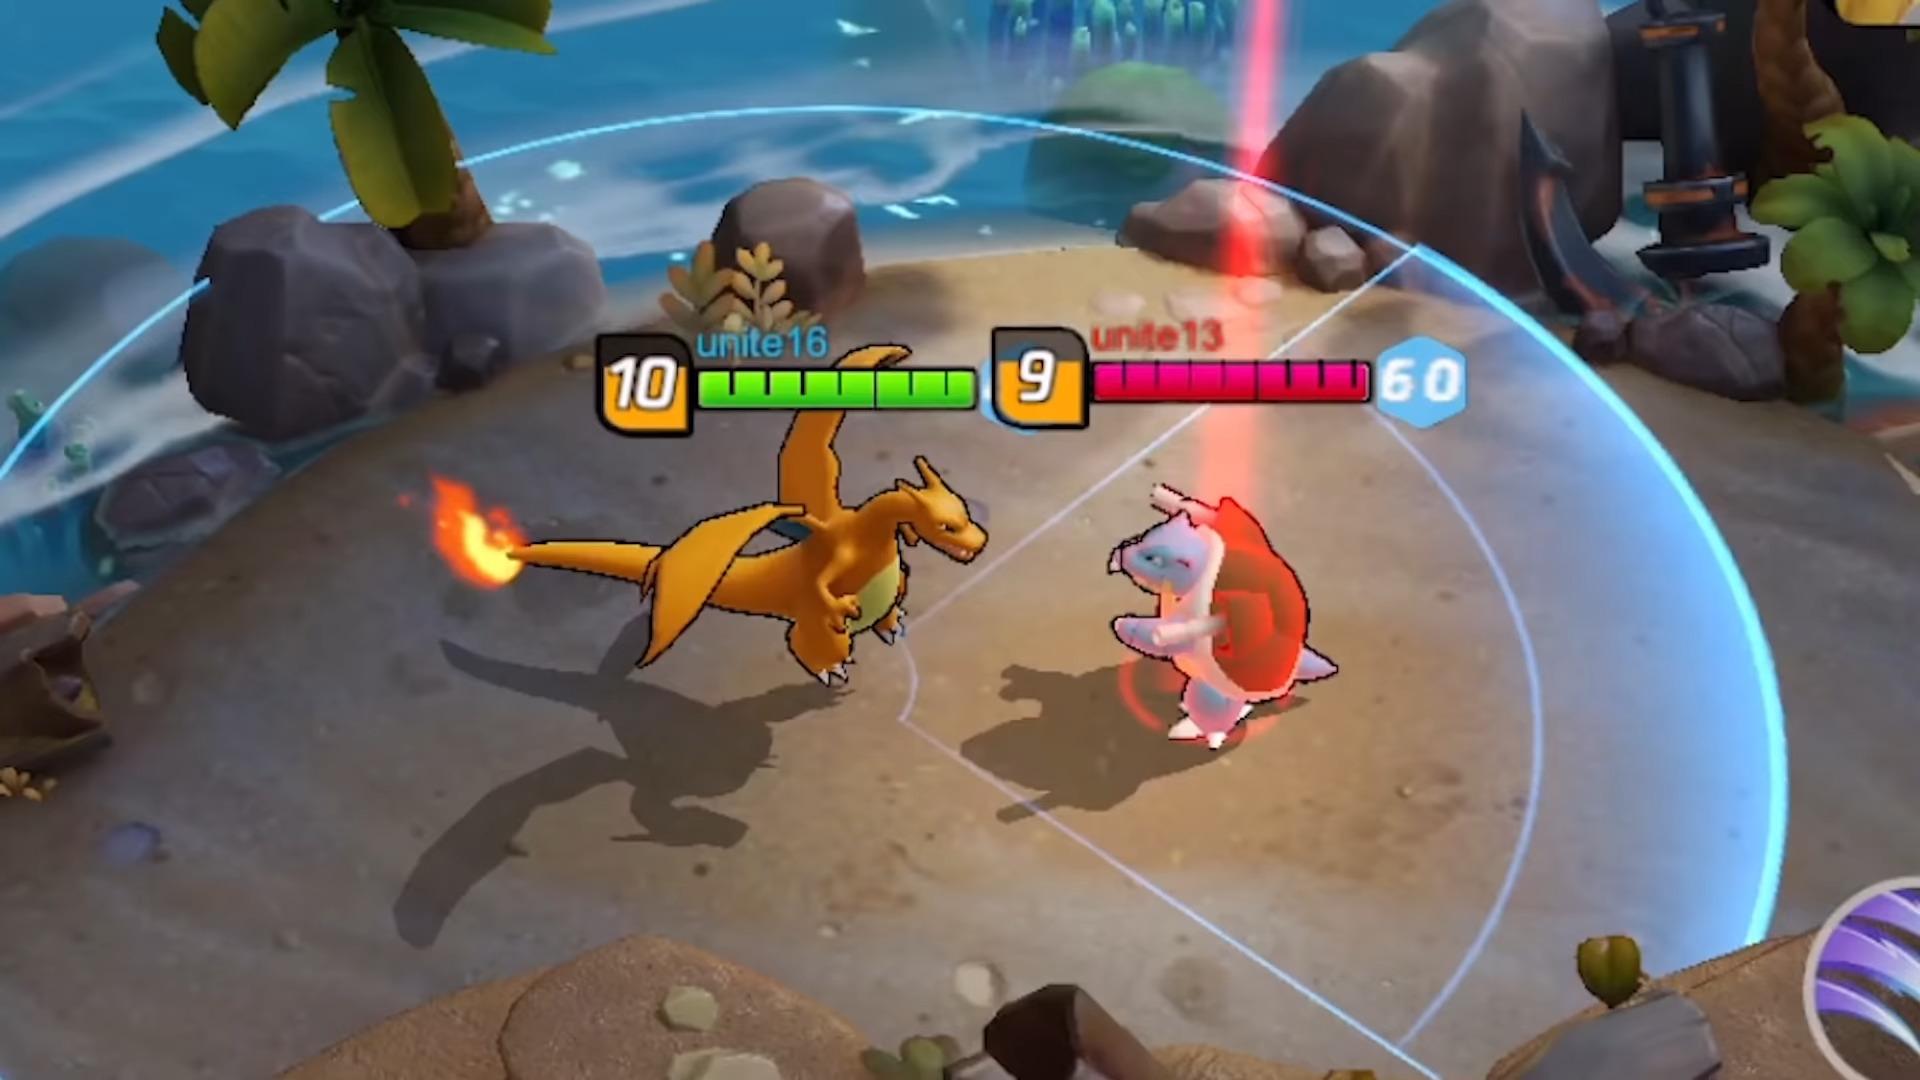 Bocor Seperti Inilah Gameplay Dari Pokemon Unite Gamefever Id